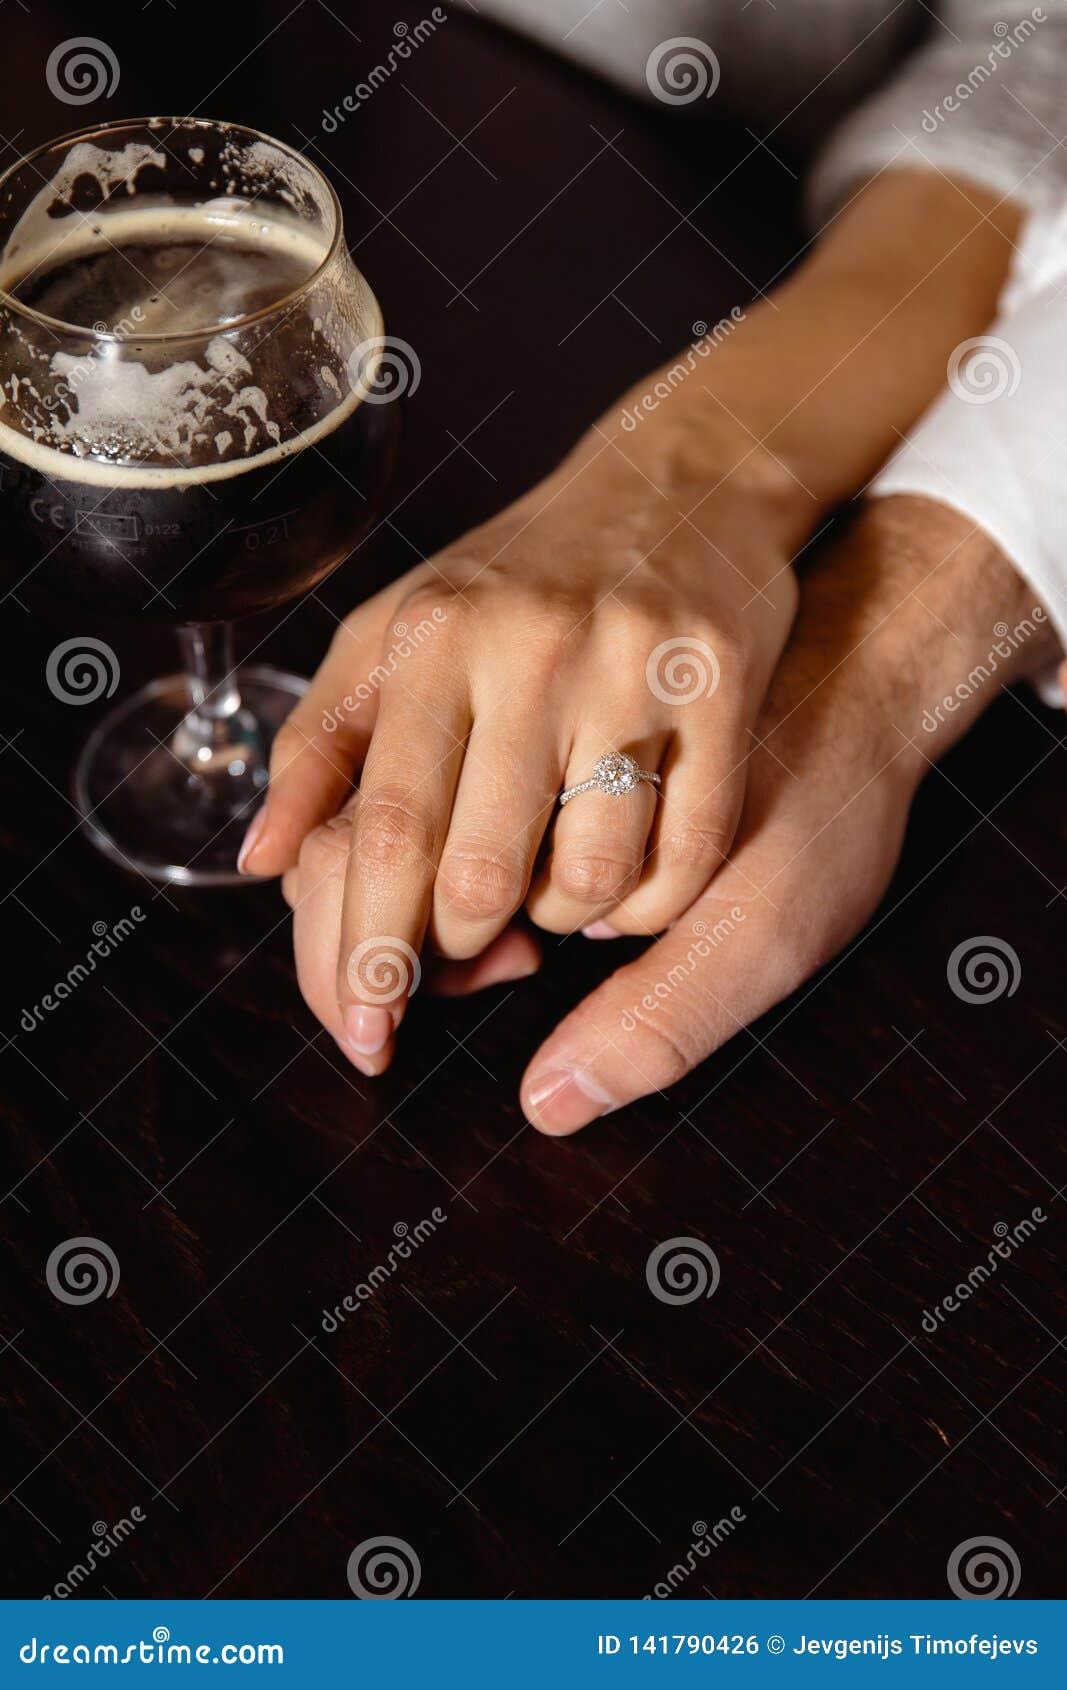 Proposition de vie réelle : Couplez tenir des mains dans un bar avec un verre de bière à leur côté